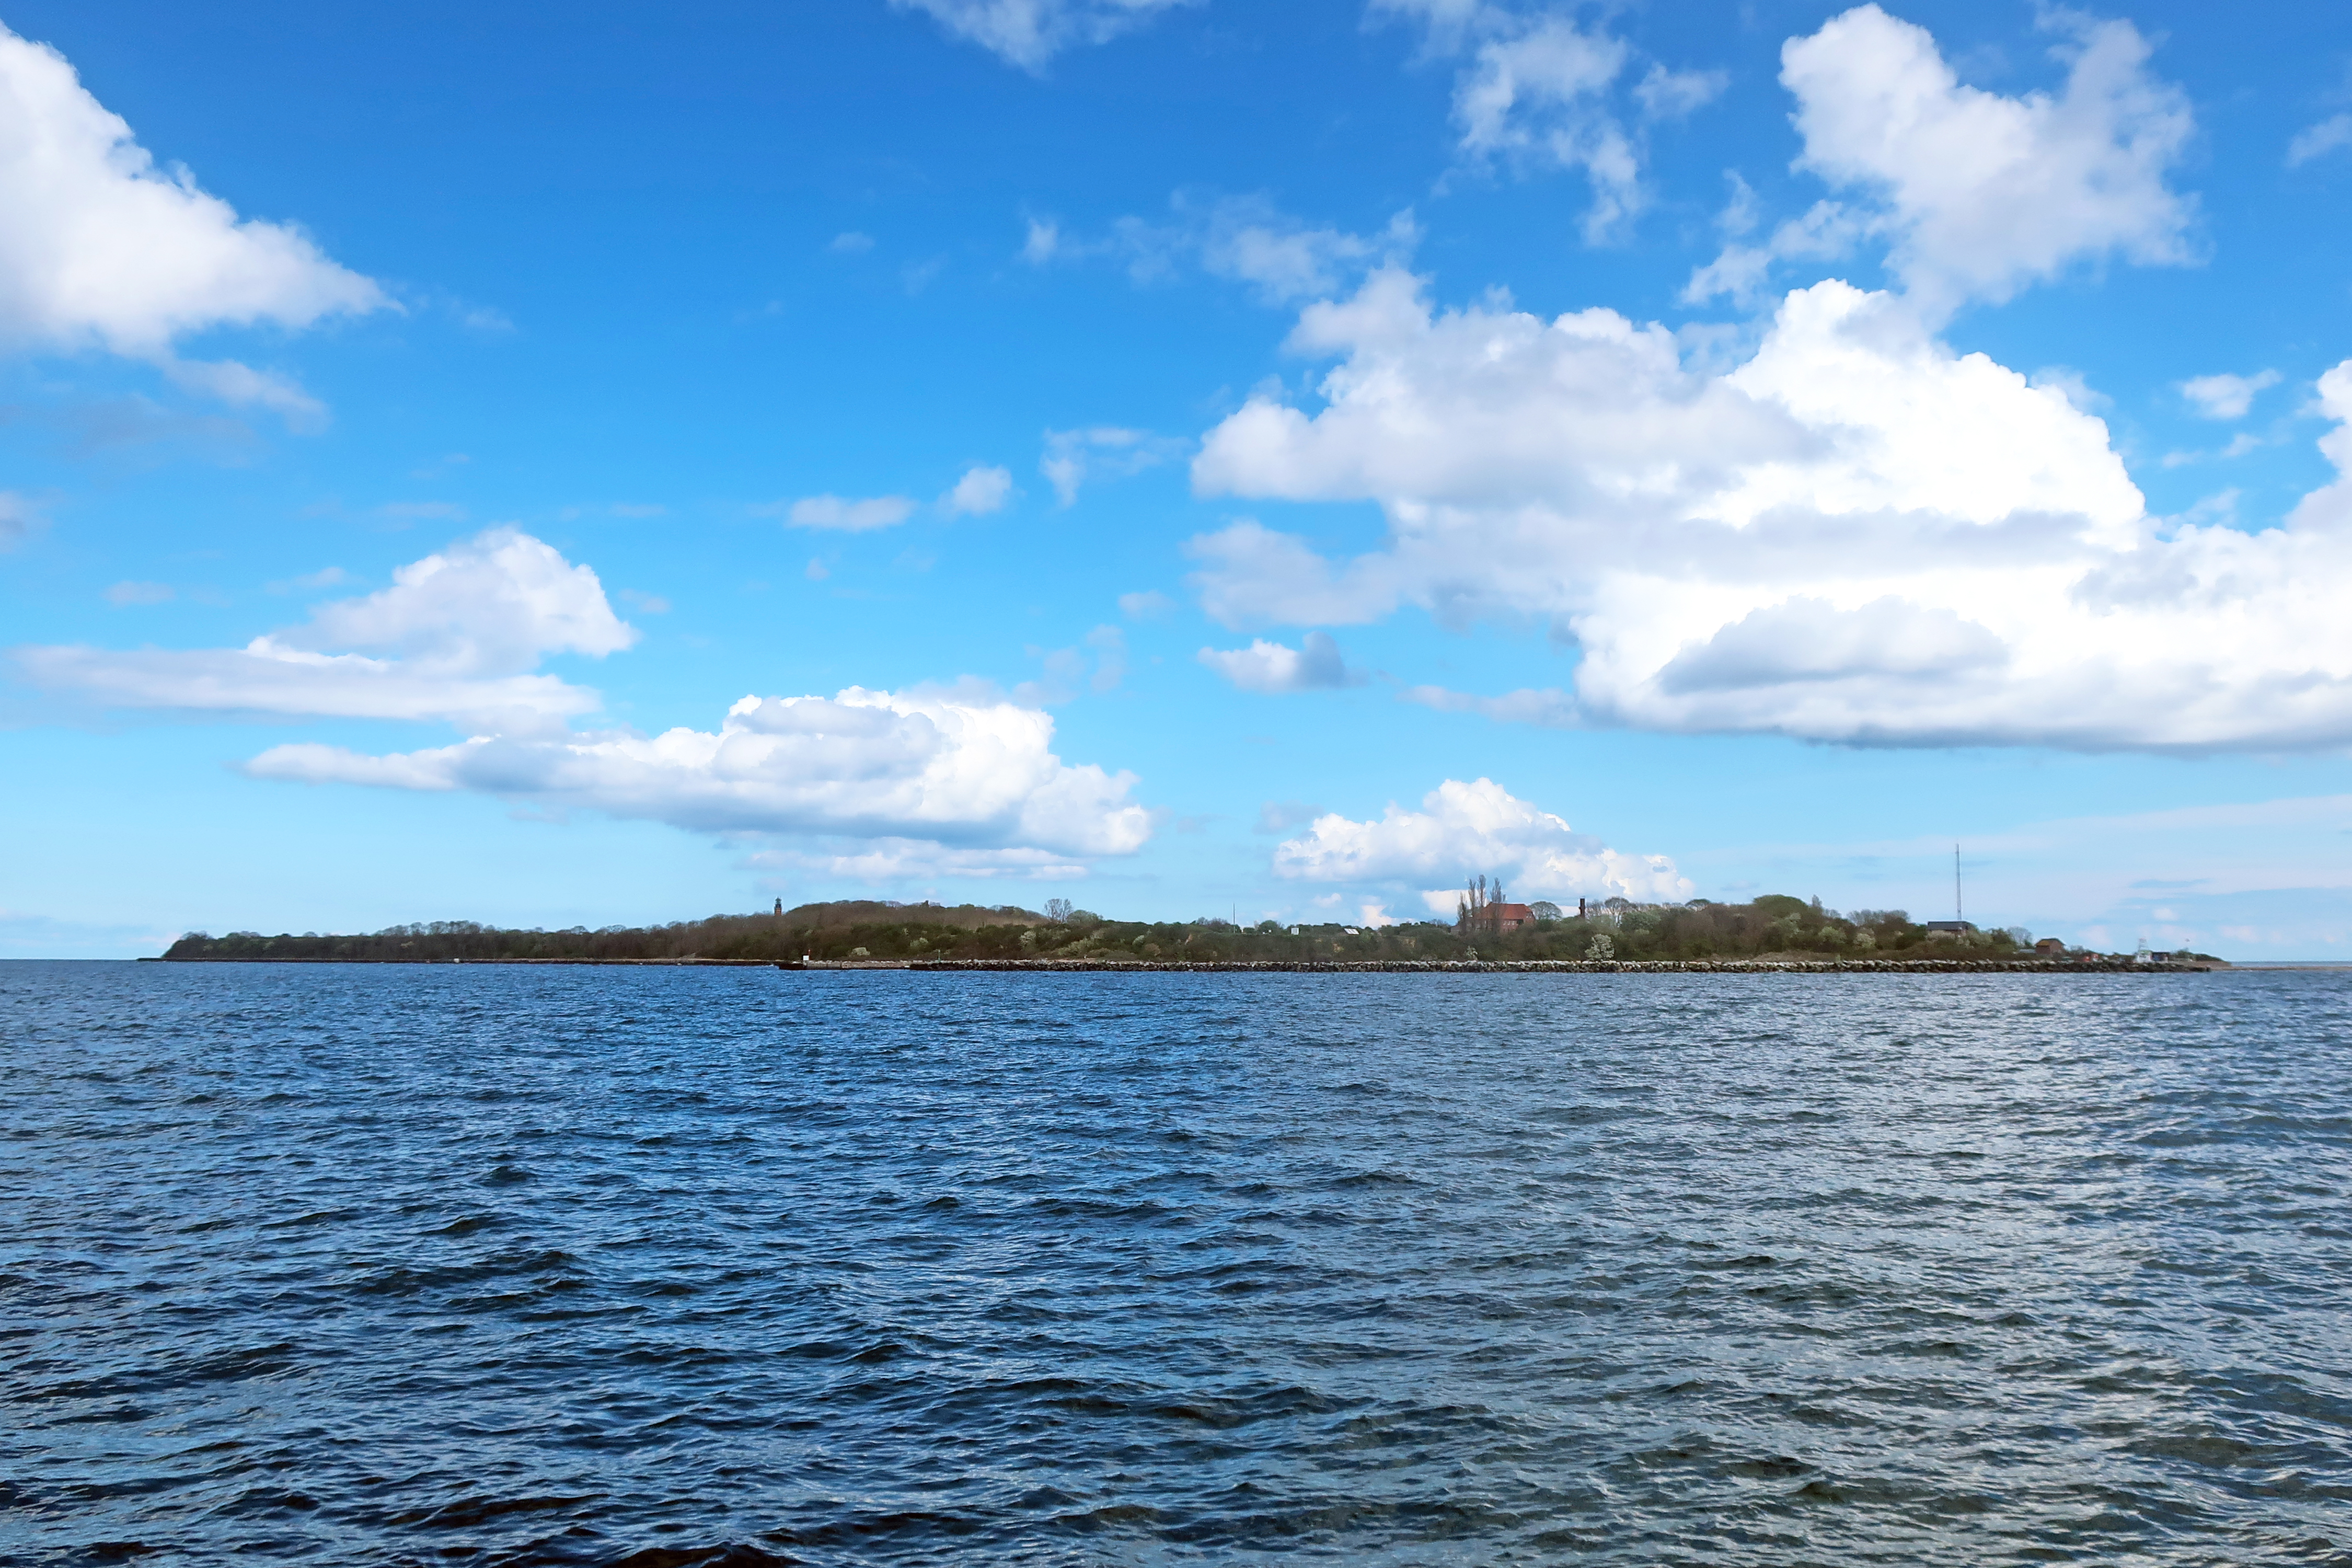 Greifswalder Oie: Geheimnisvolle Insel vor der Küste Mecklenburg-Vorpommerns